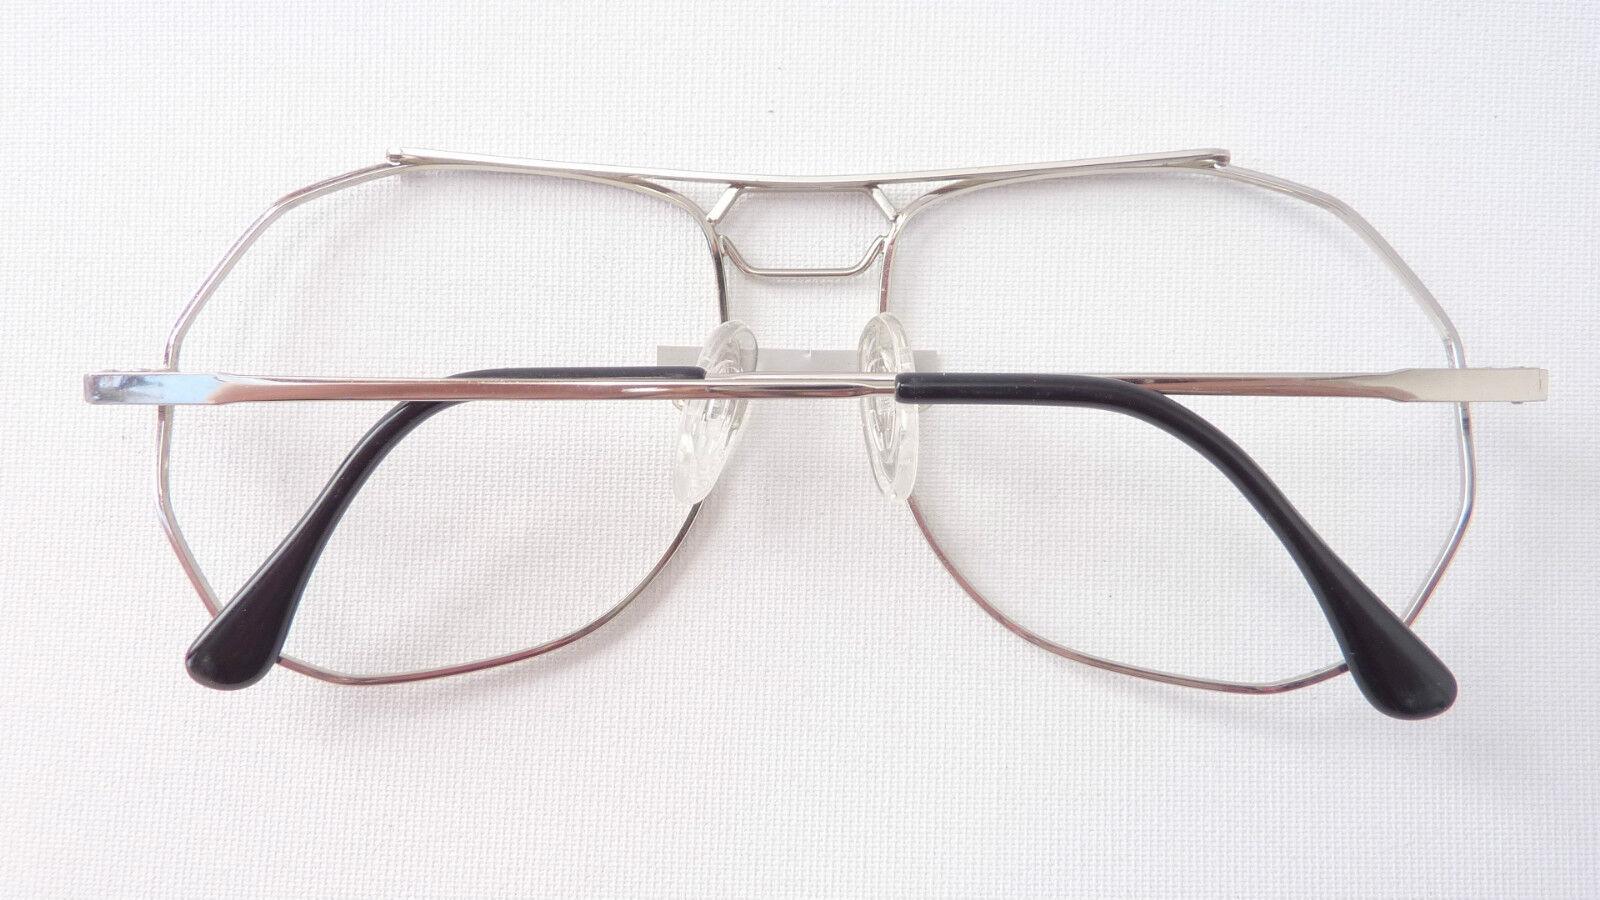 Vintage Brillen ausgefallenes Design Design Design Form Nouvelle Ligne Damen Brille Grösse M   Fairer Preis    Überlegen      47bcdf